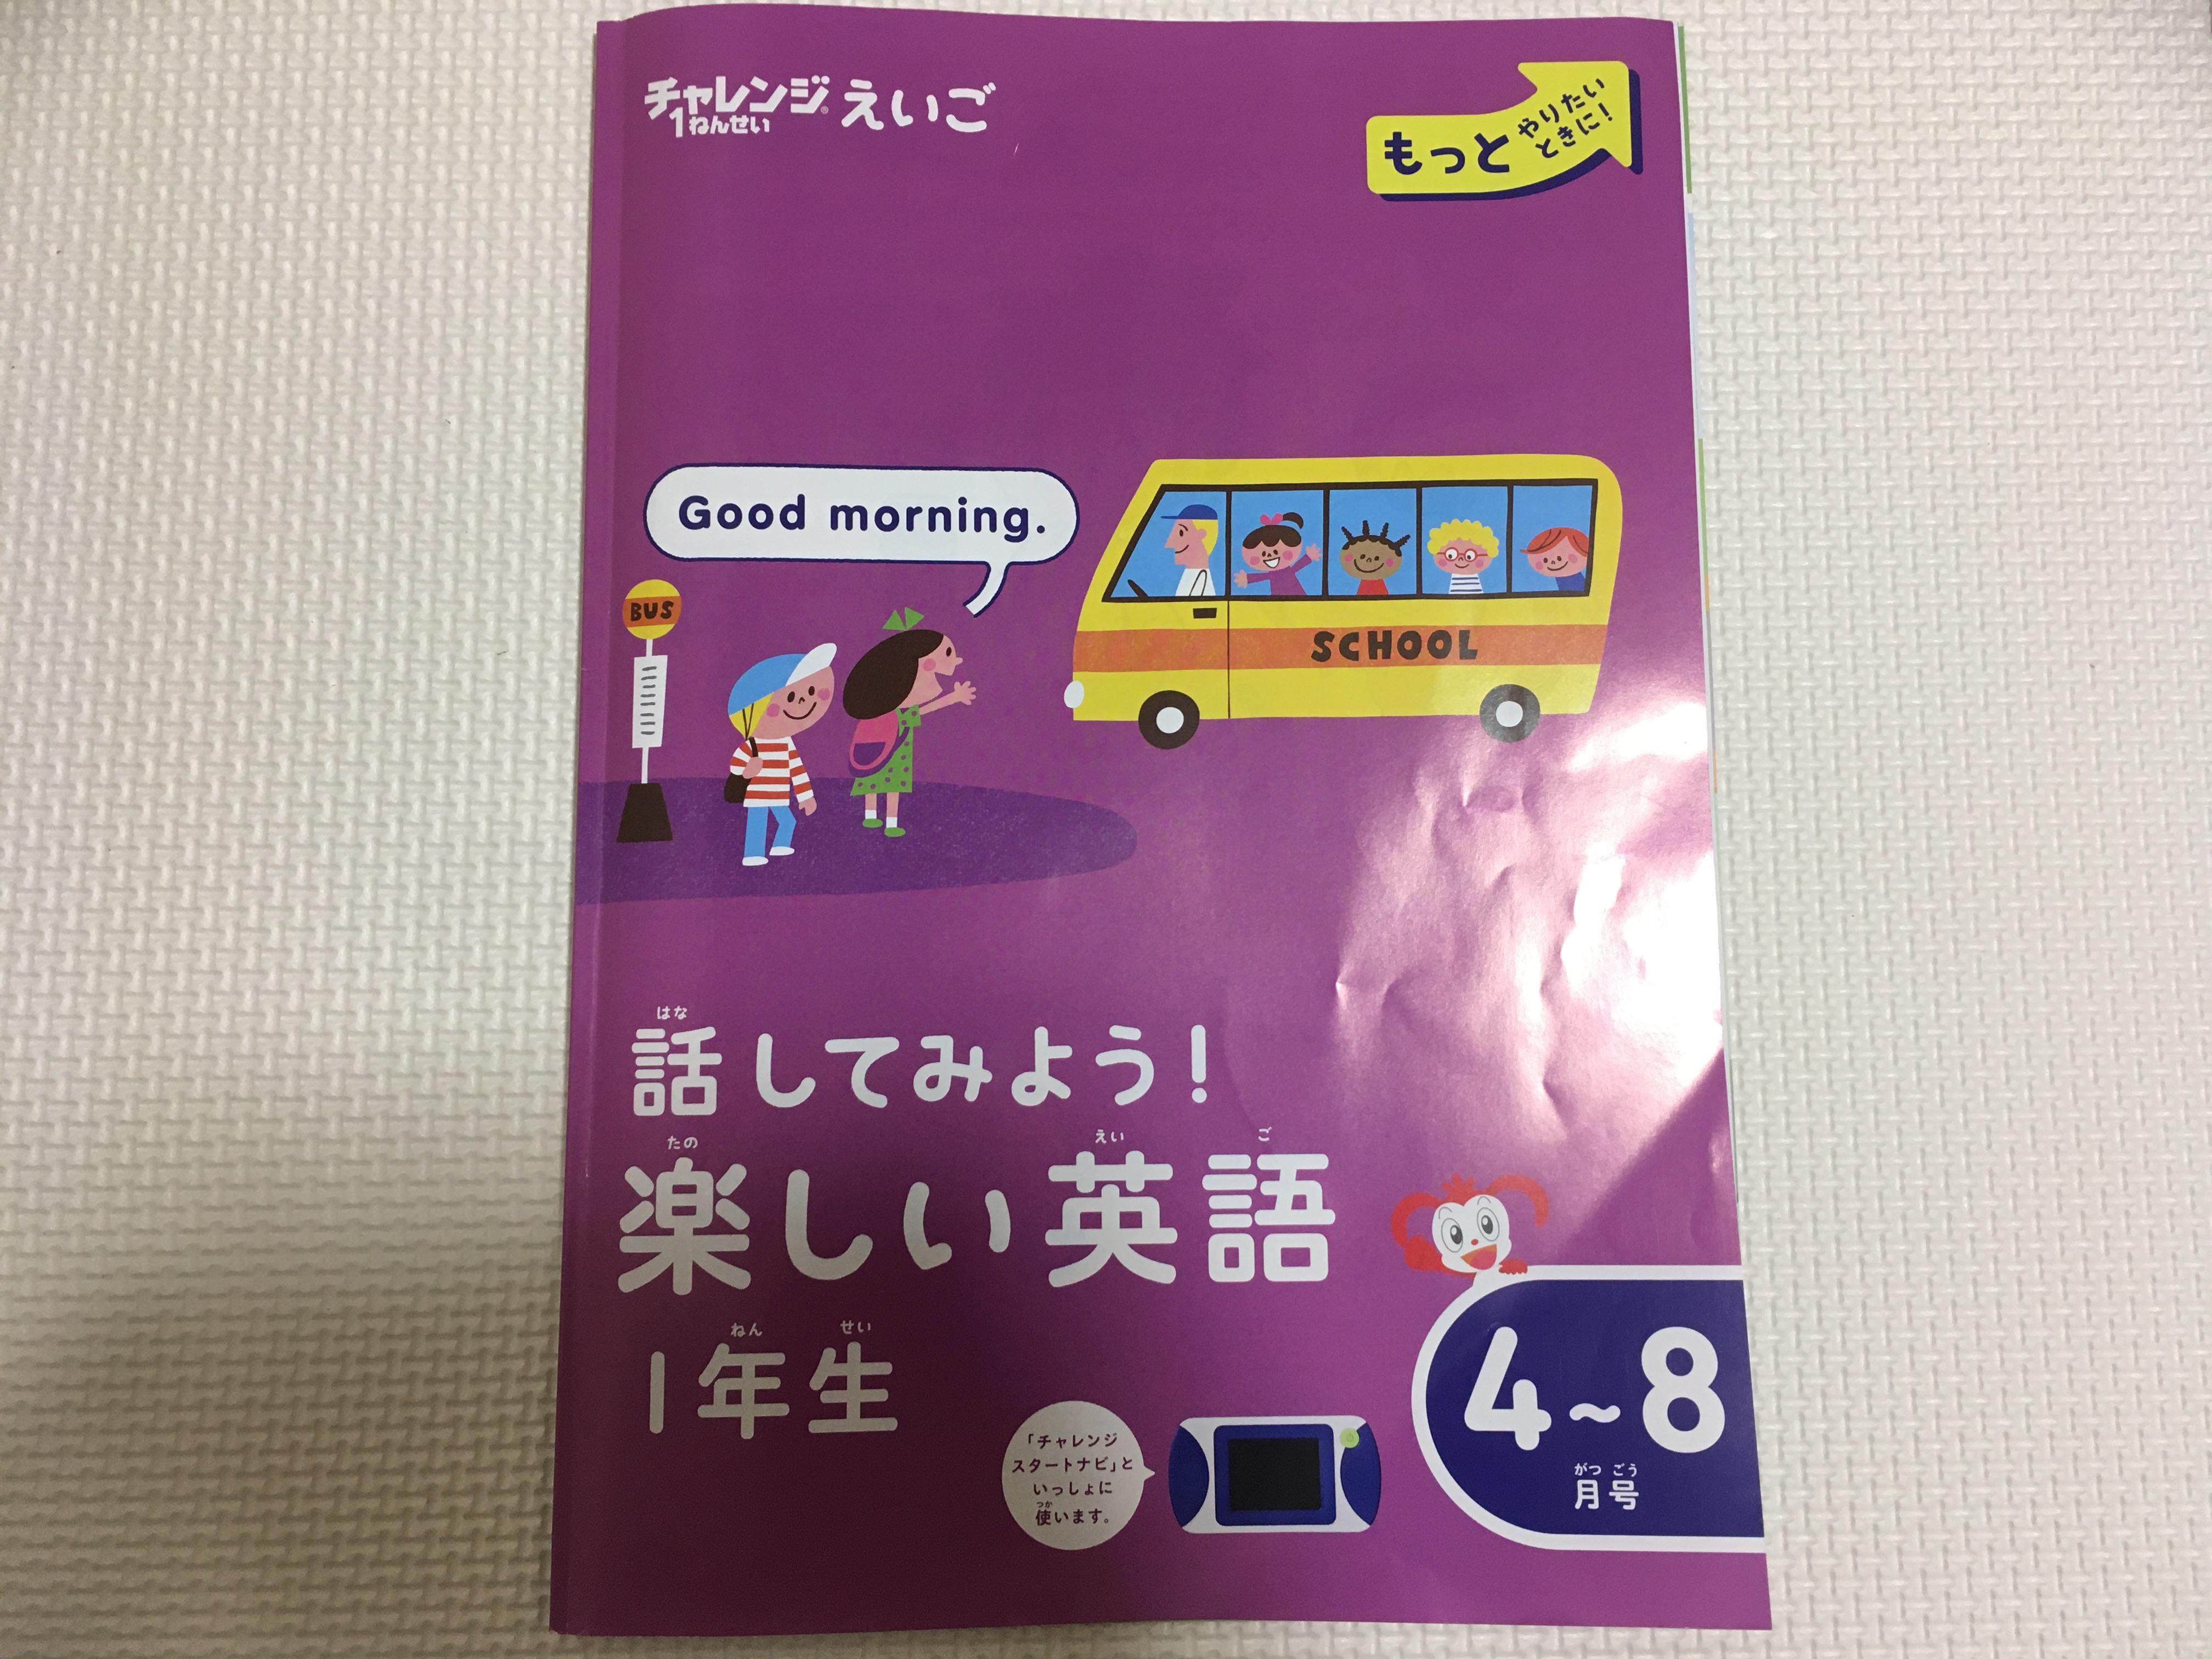 38581E02-E7F7-4CB1-A120-0E23AFC99D94